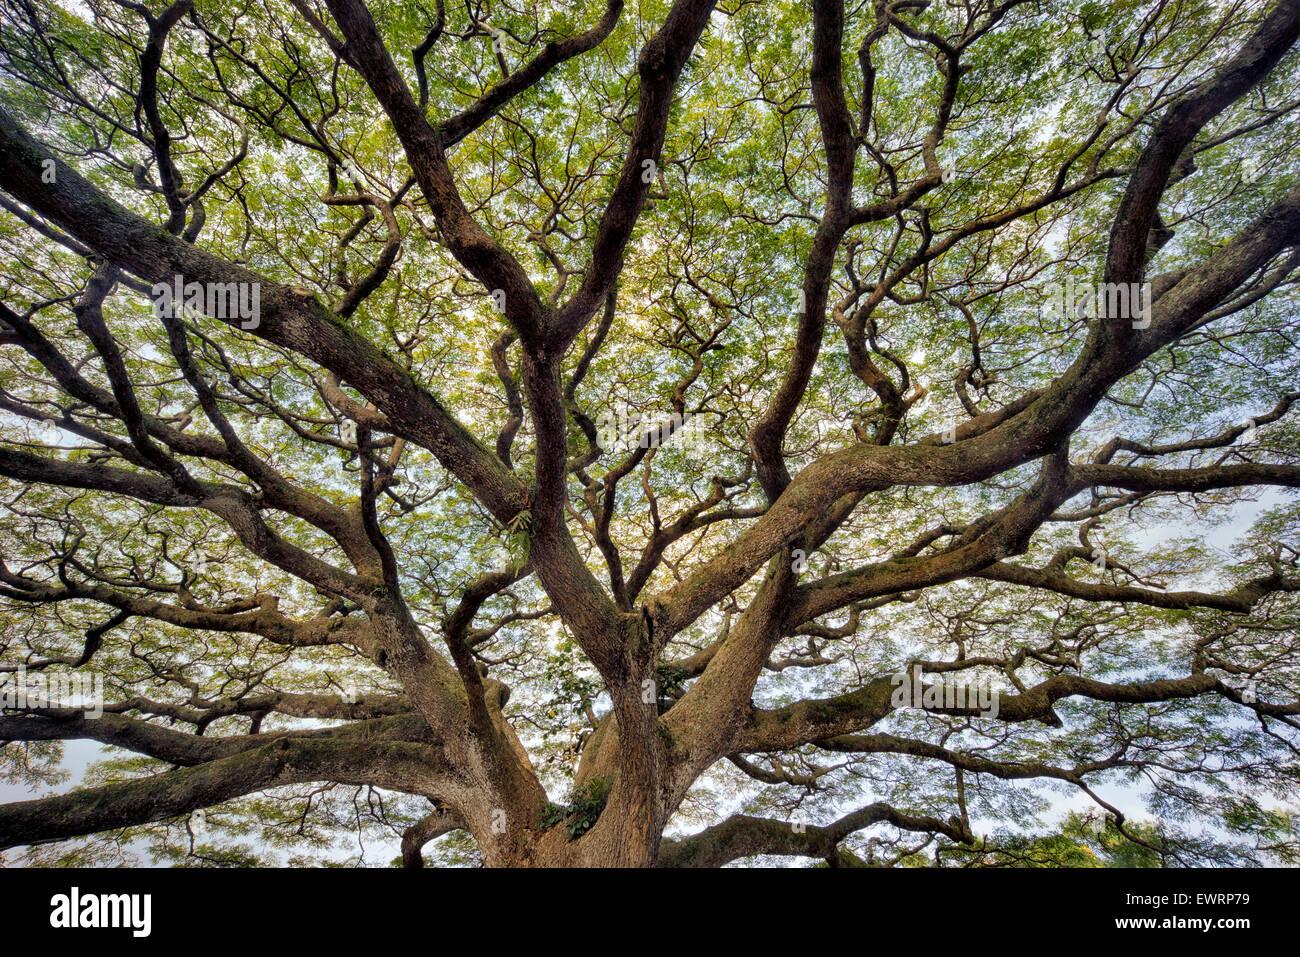 Gran árbol de ramificación salvajemente. Hawai, la Isla Grande Imagen De Stock